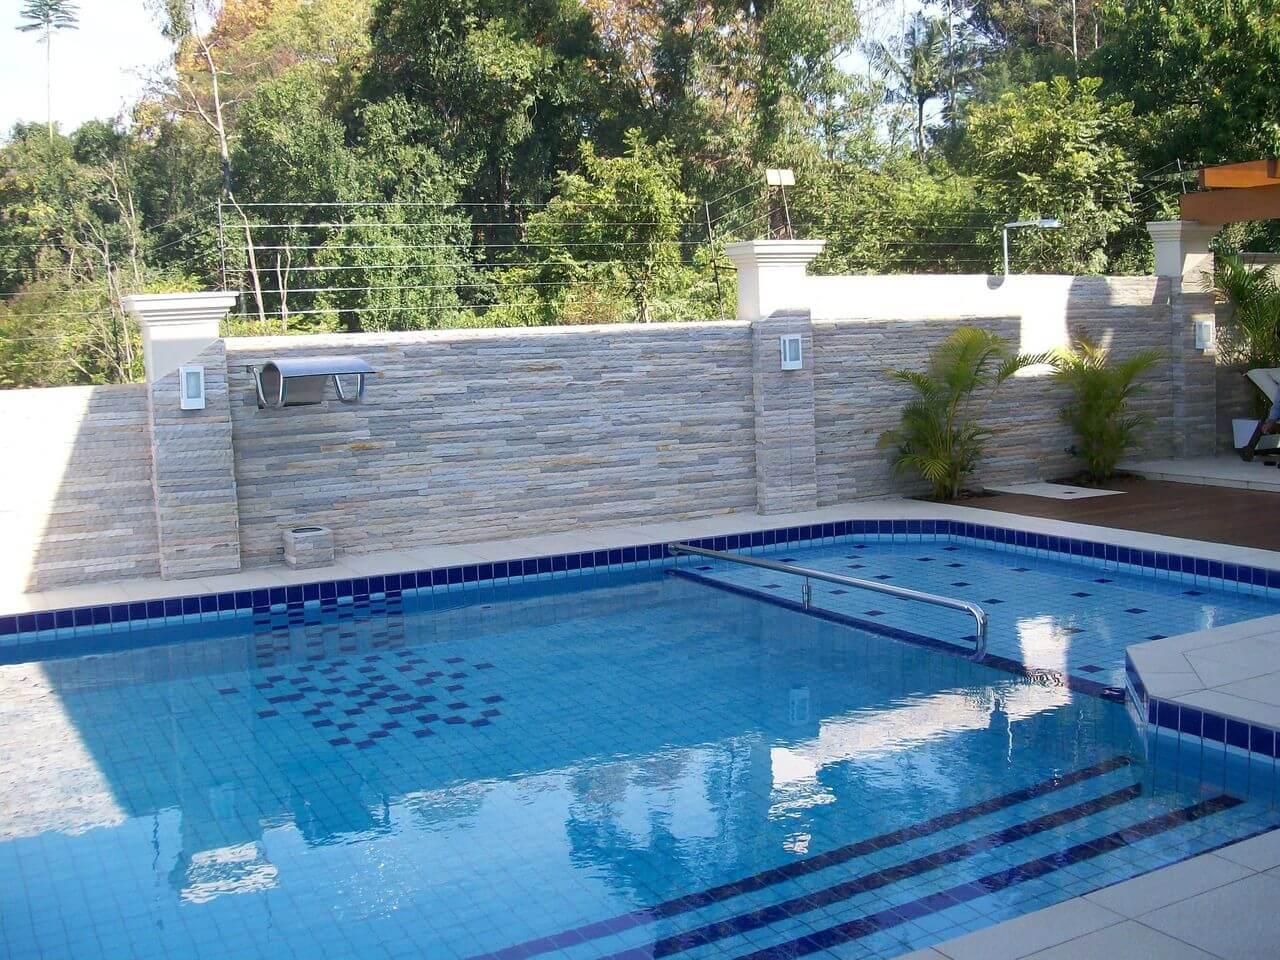 O azulejo para piscina em tons de azul foi usado em conjunto com o azulejo branco